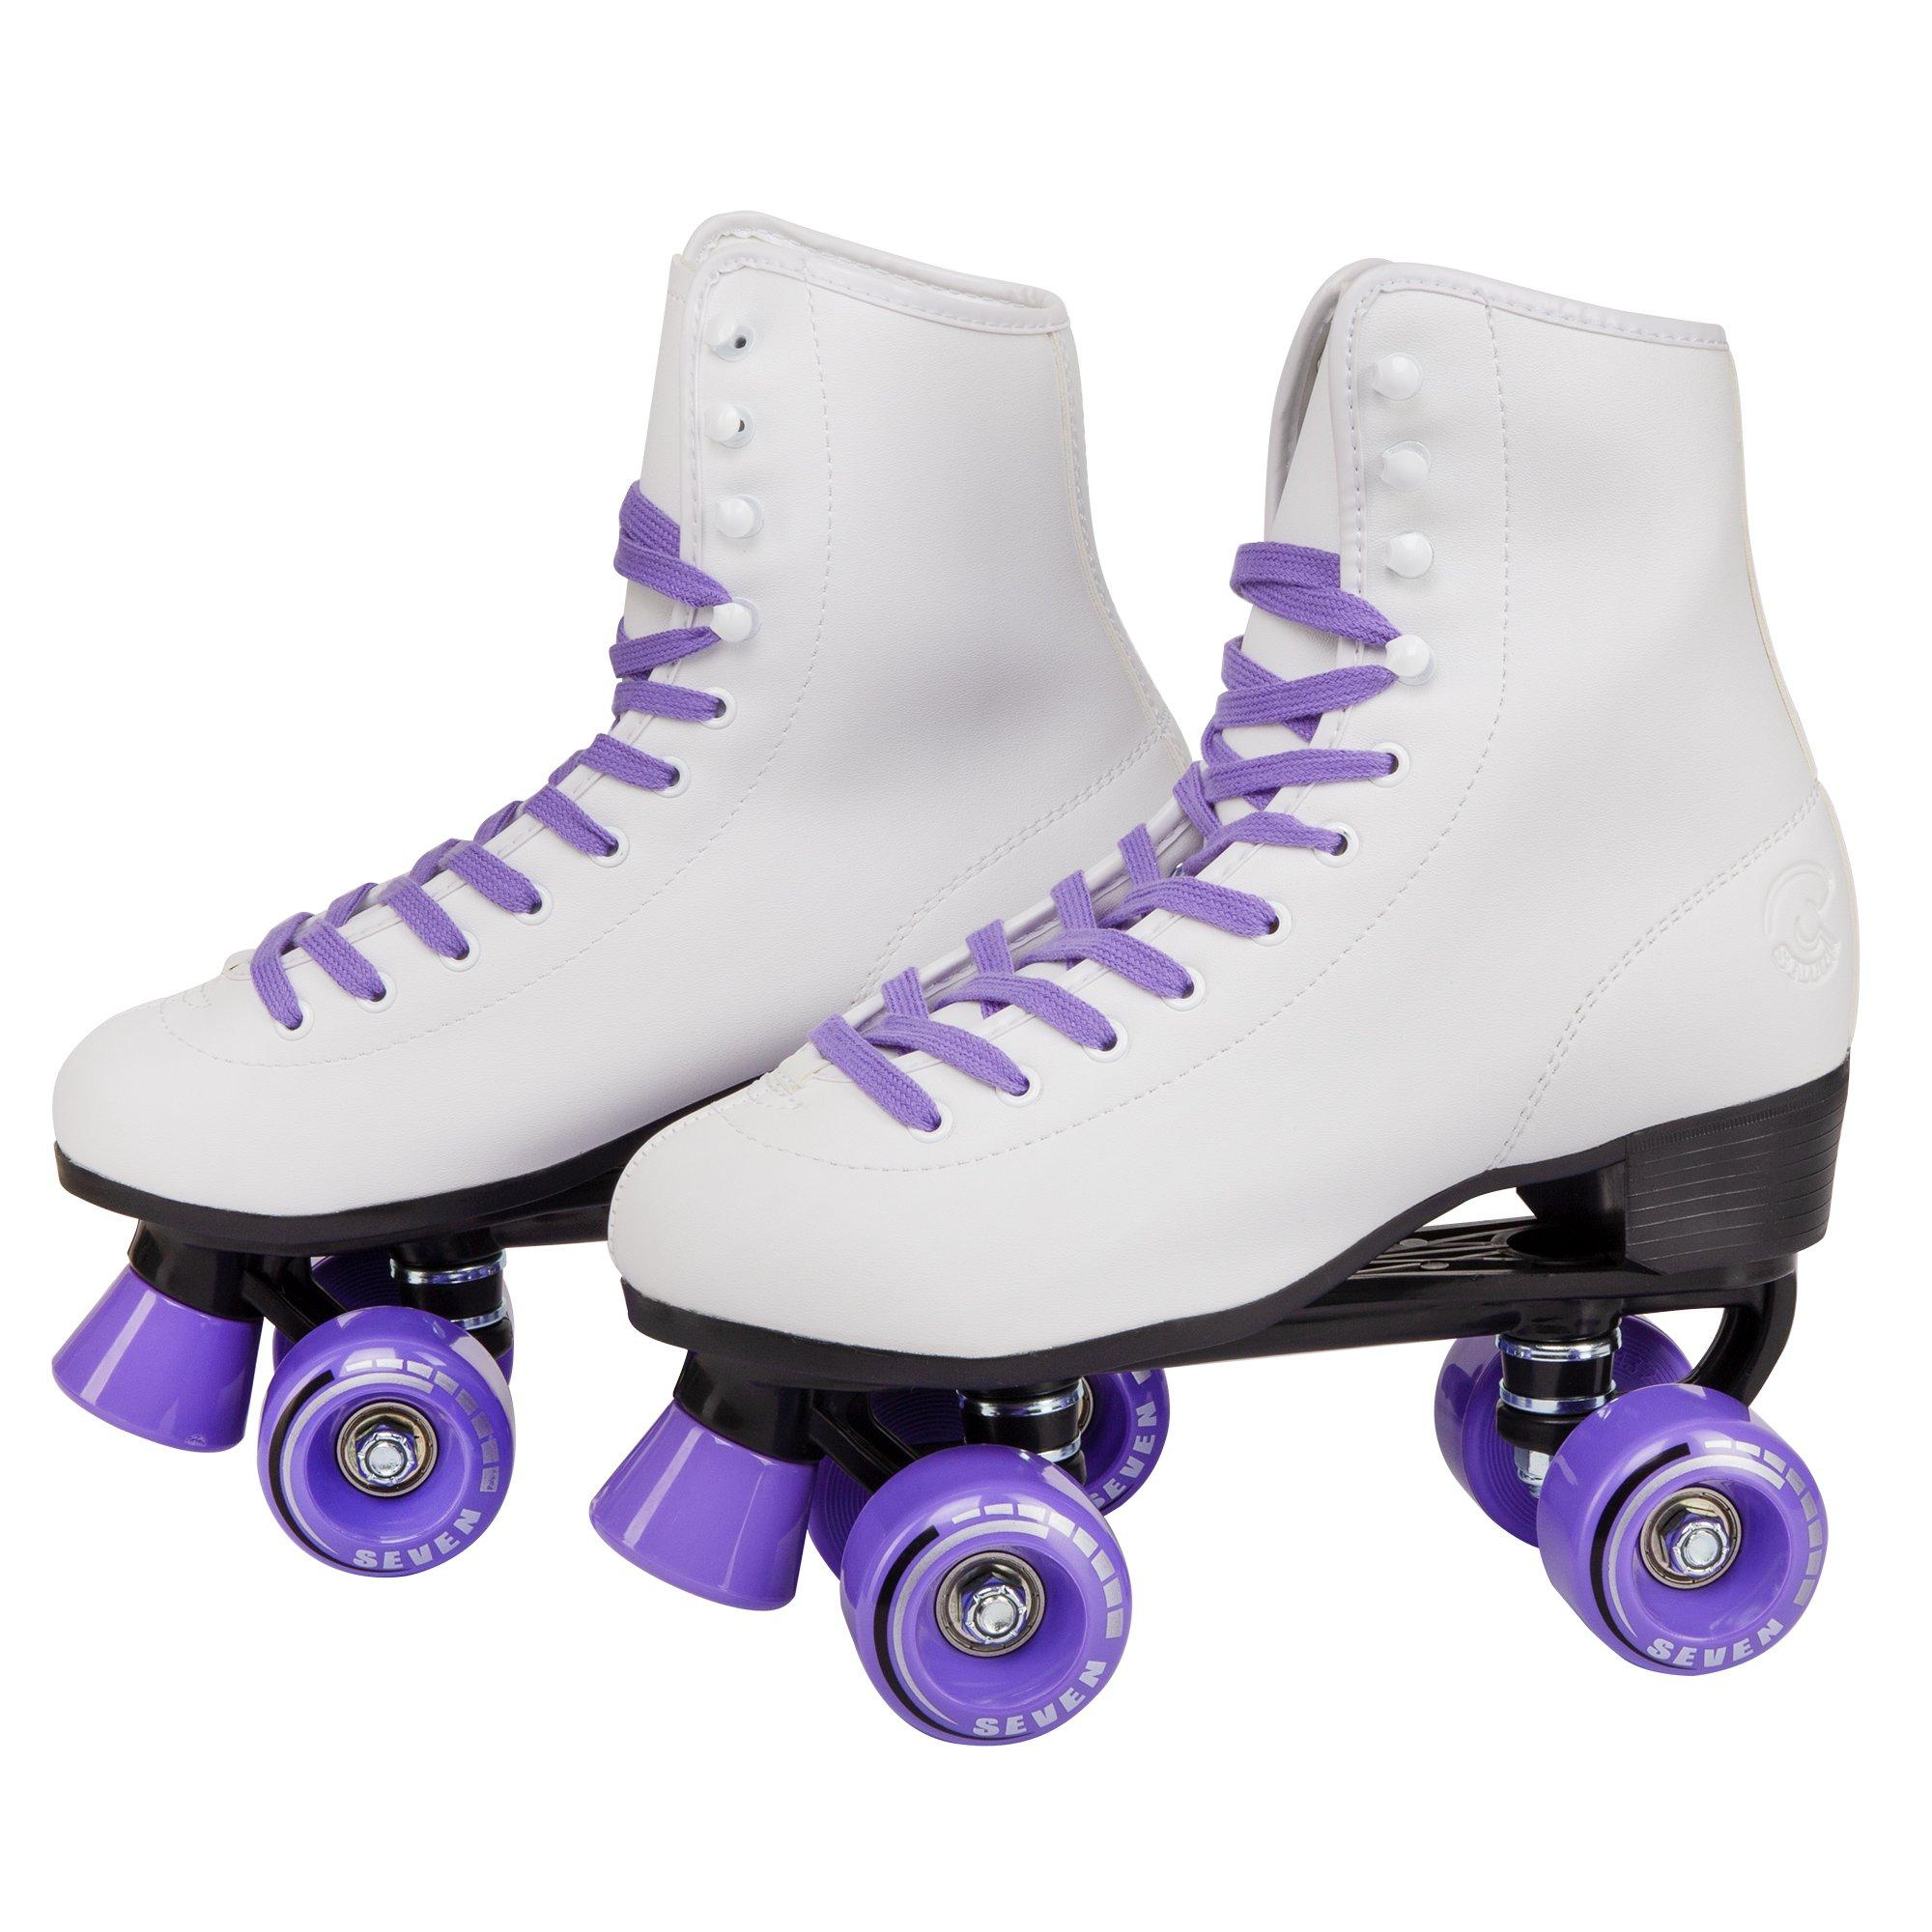 C7 Retro Quad Roller Skates Retro Roller Skates Roller Skate Shoes Quad Roller Skates